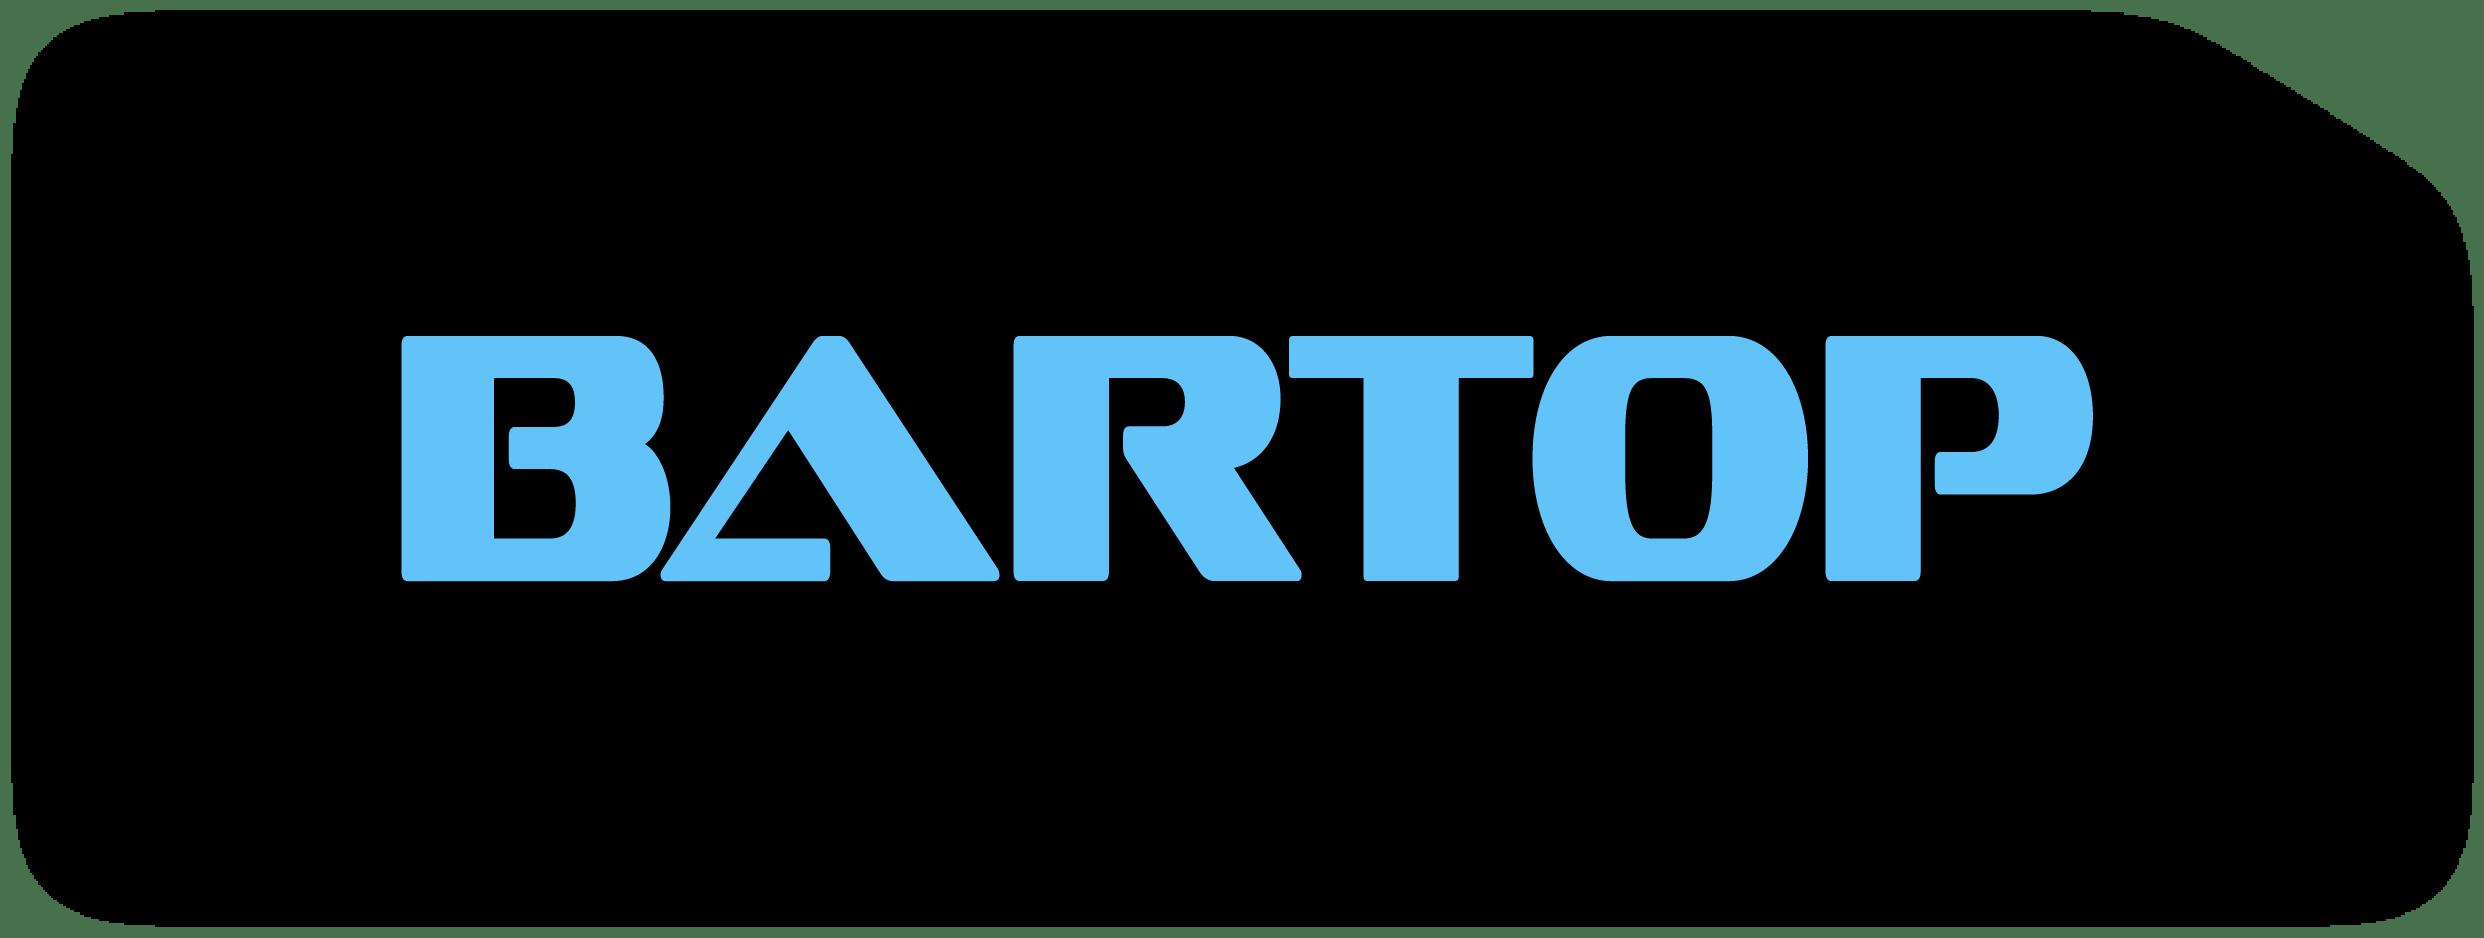 BARTOP BUTTON 3